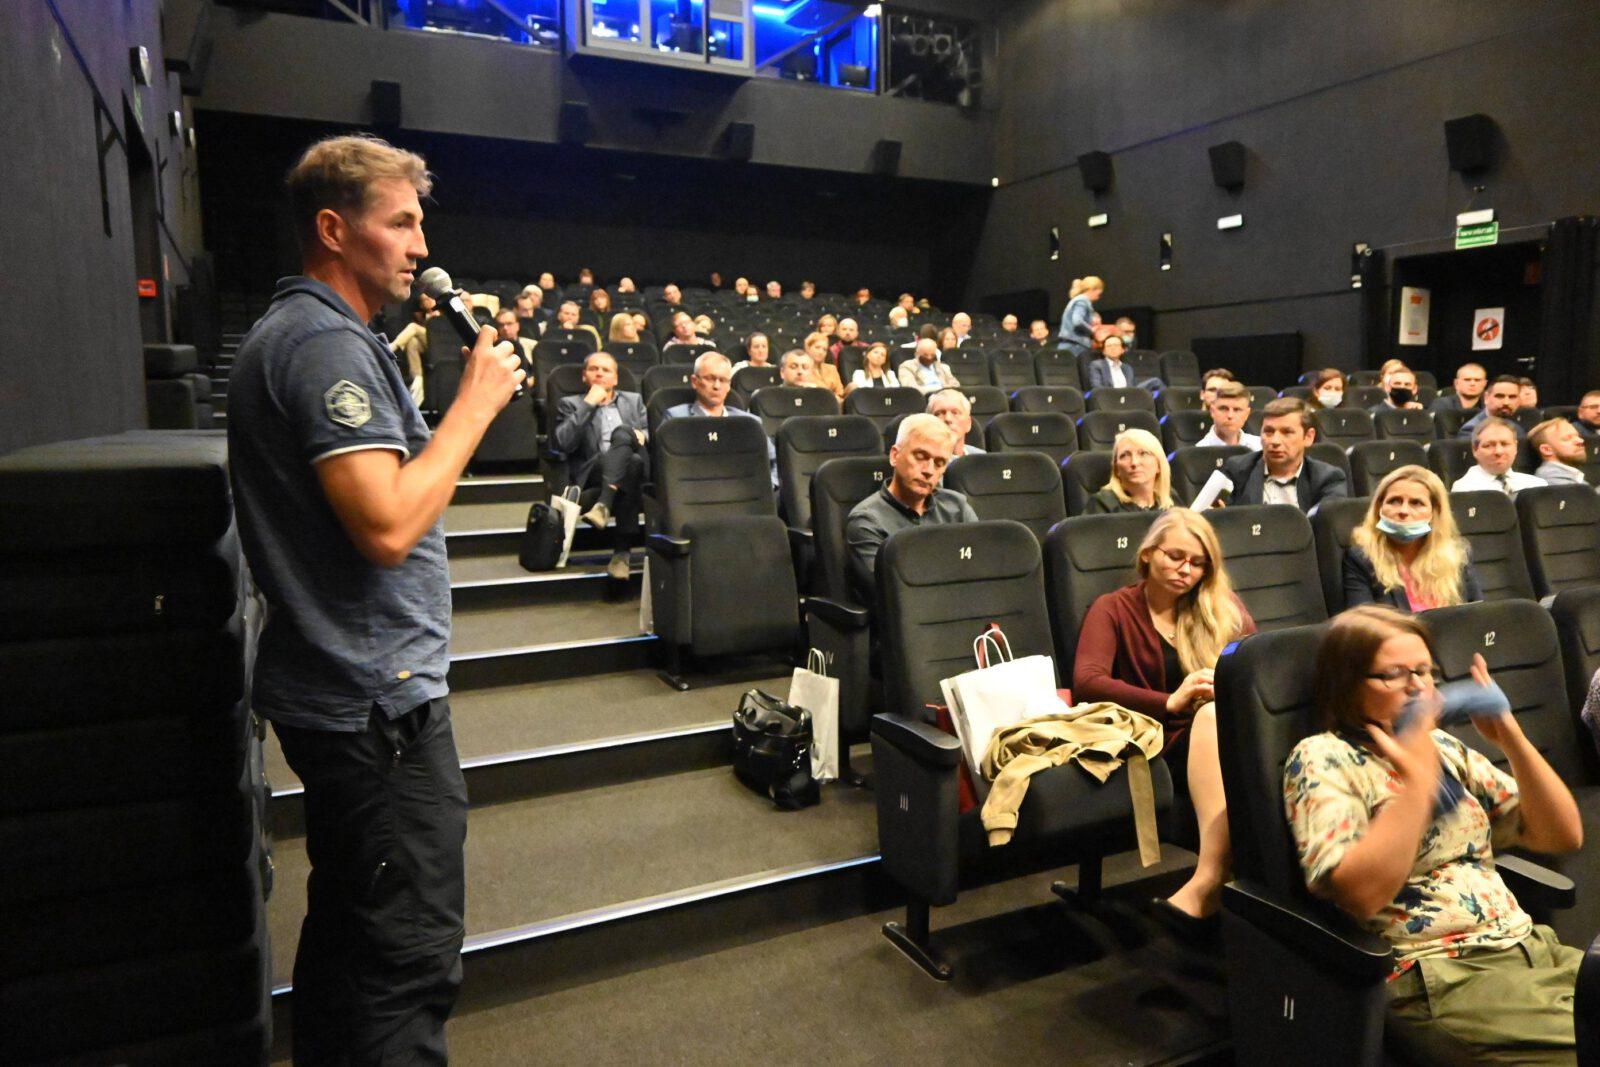 Publiczność zgromadzona w sali Tarnogórskiego Centrum Kultury na konferencji rowerowej.